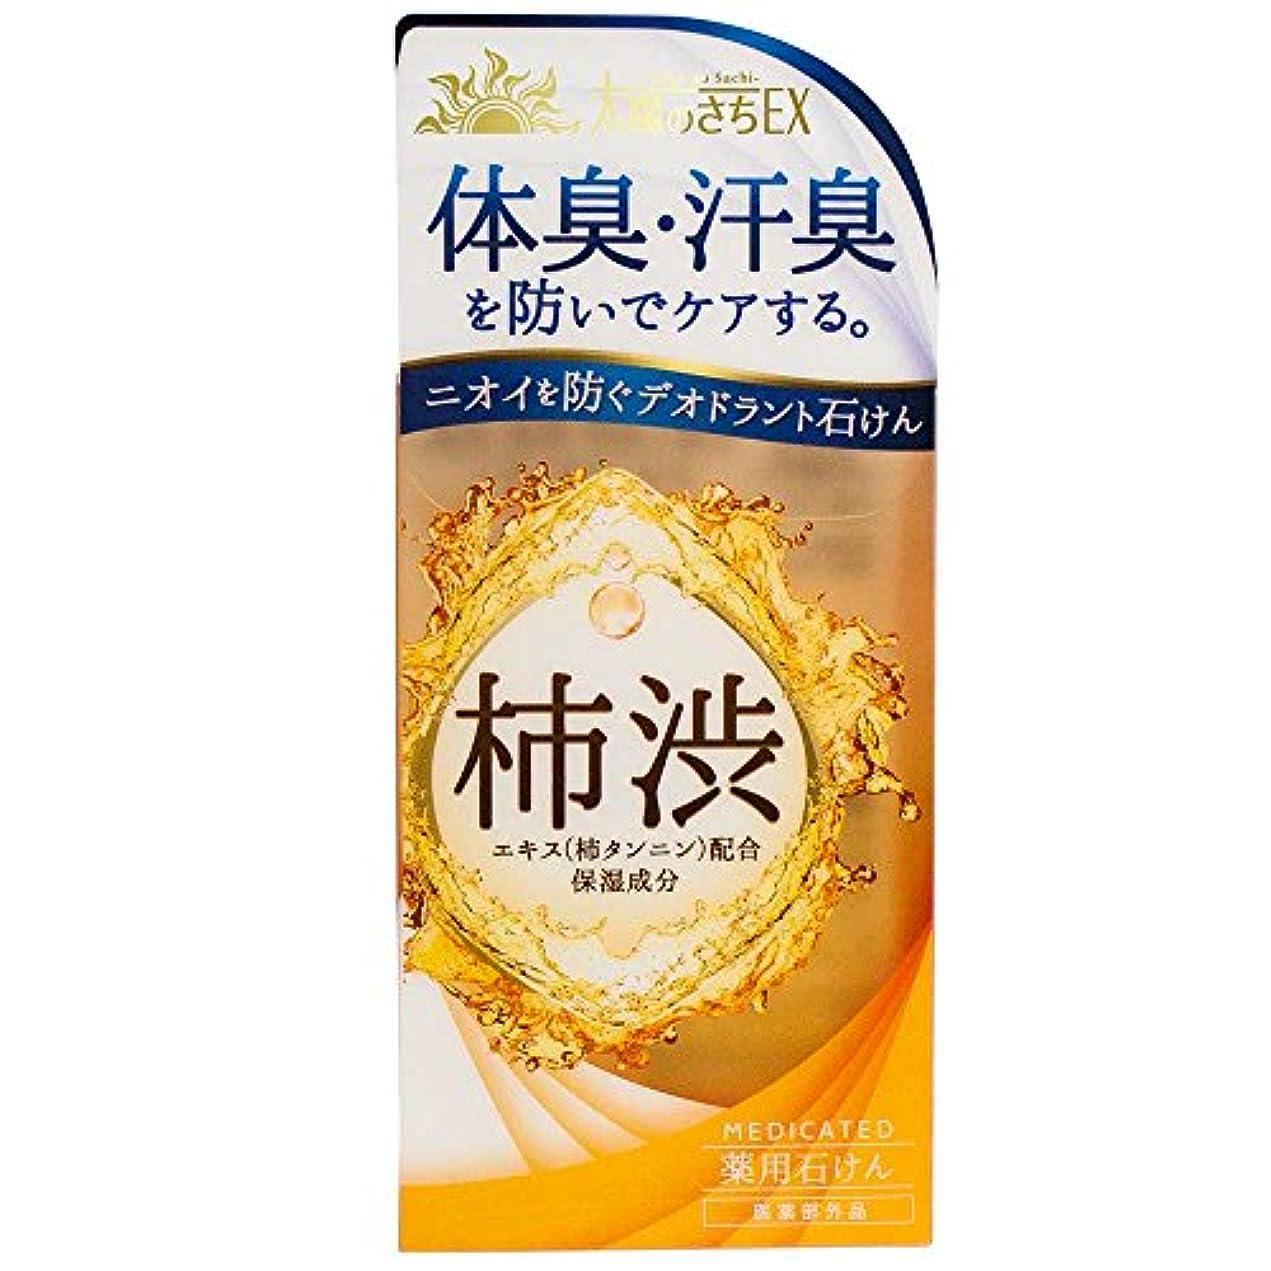 降臨調整デジタル薬用太陽のさちEX 柿渋石けん 120g